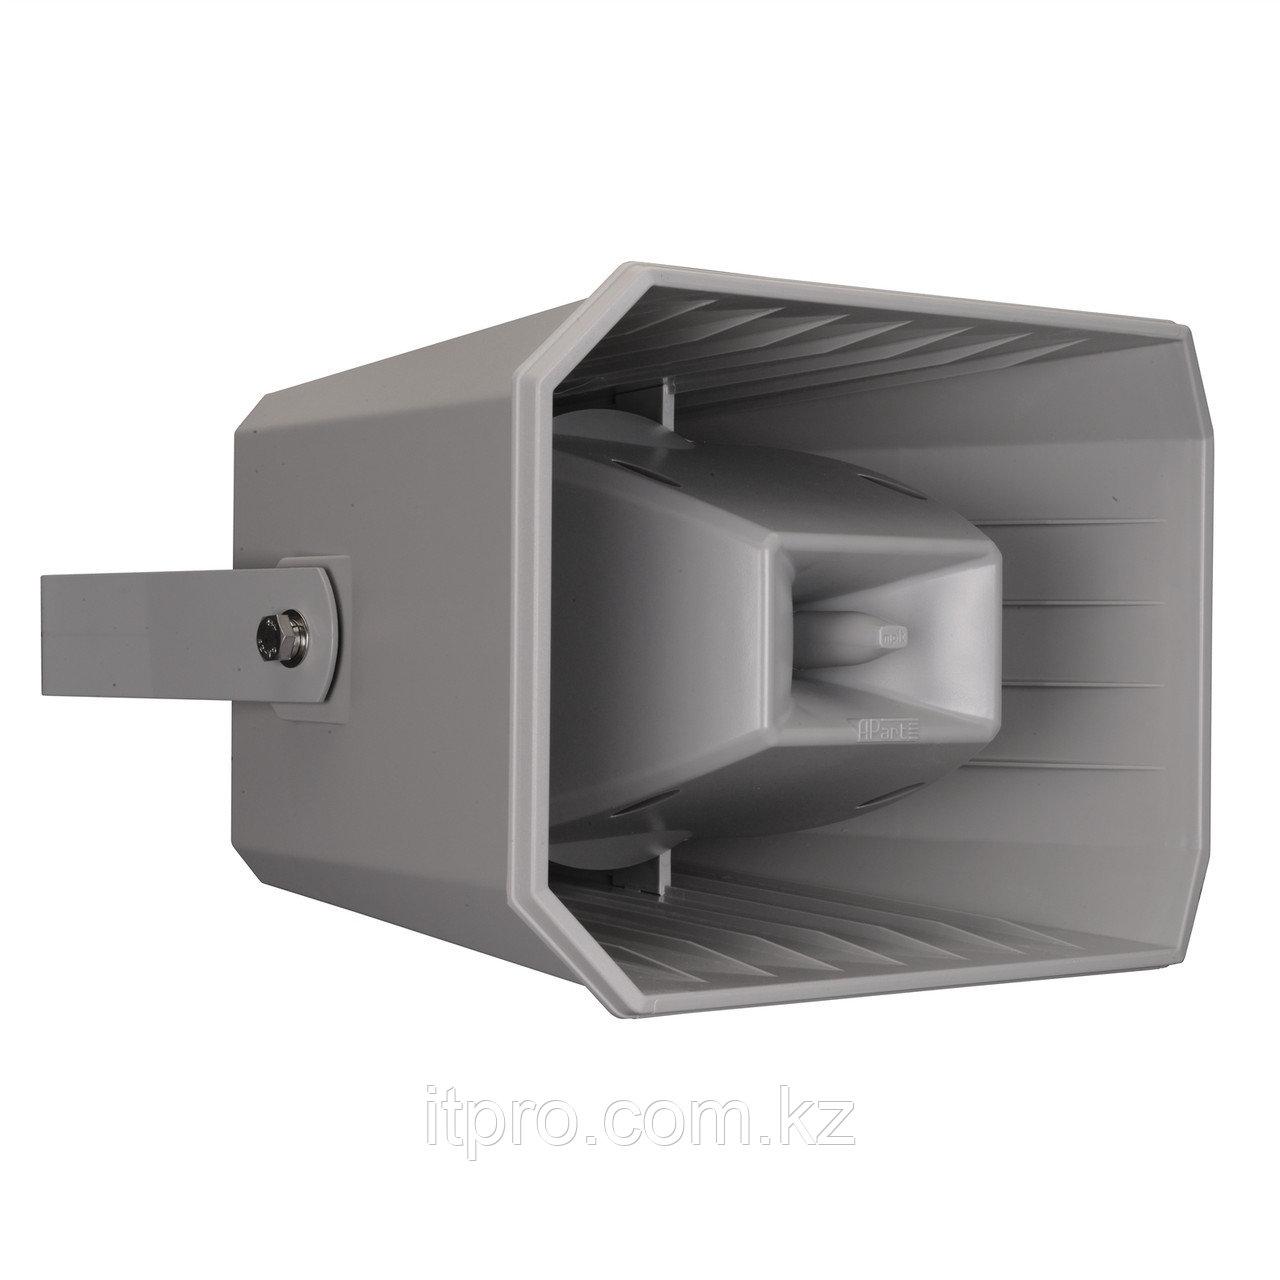 Рупорный громкоговоритель Apart MPLT62-G